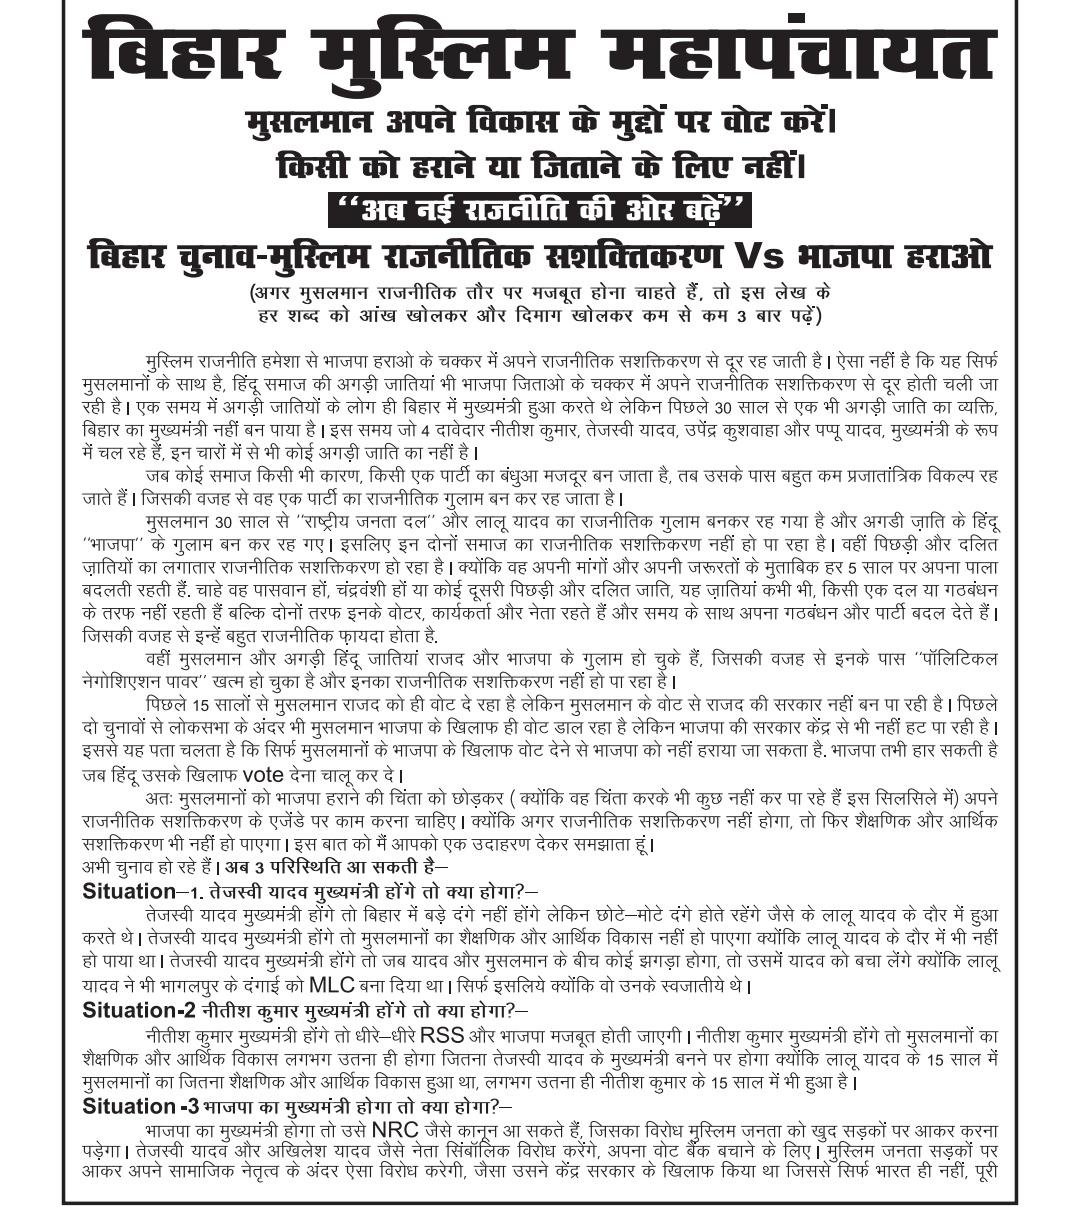 बिहार चुनाव: मुस्लिम महापंचायत ने कहा, मुसलमान अपने विकास के मुद्दों पर वोट करें 1